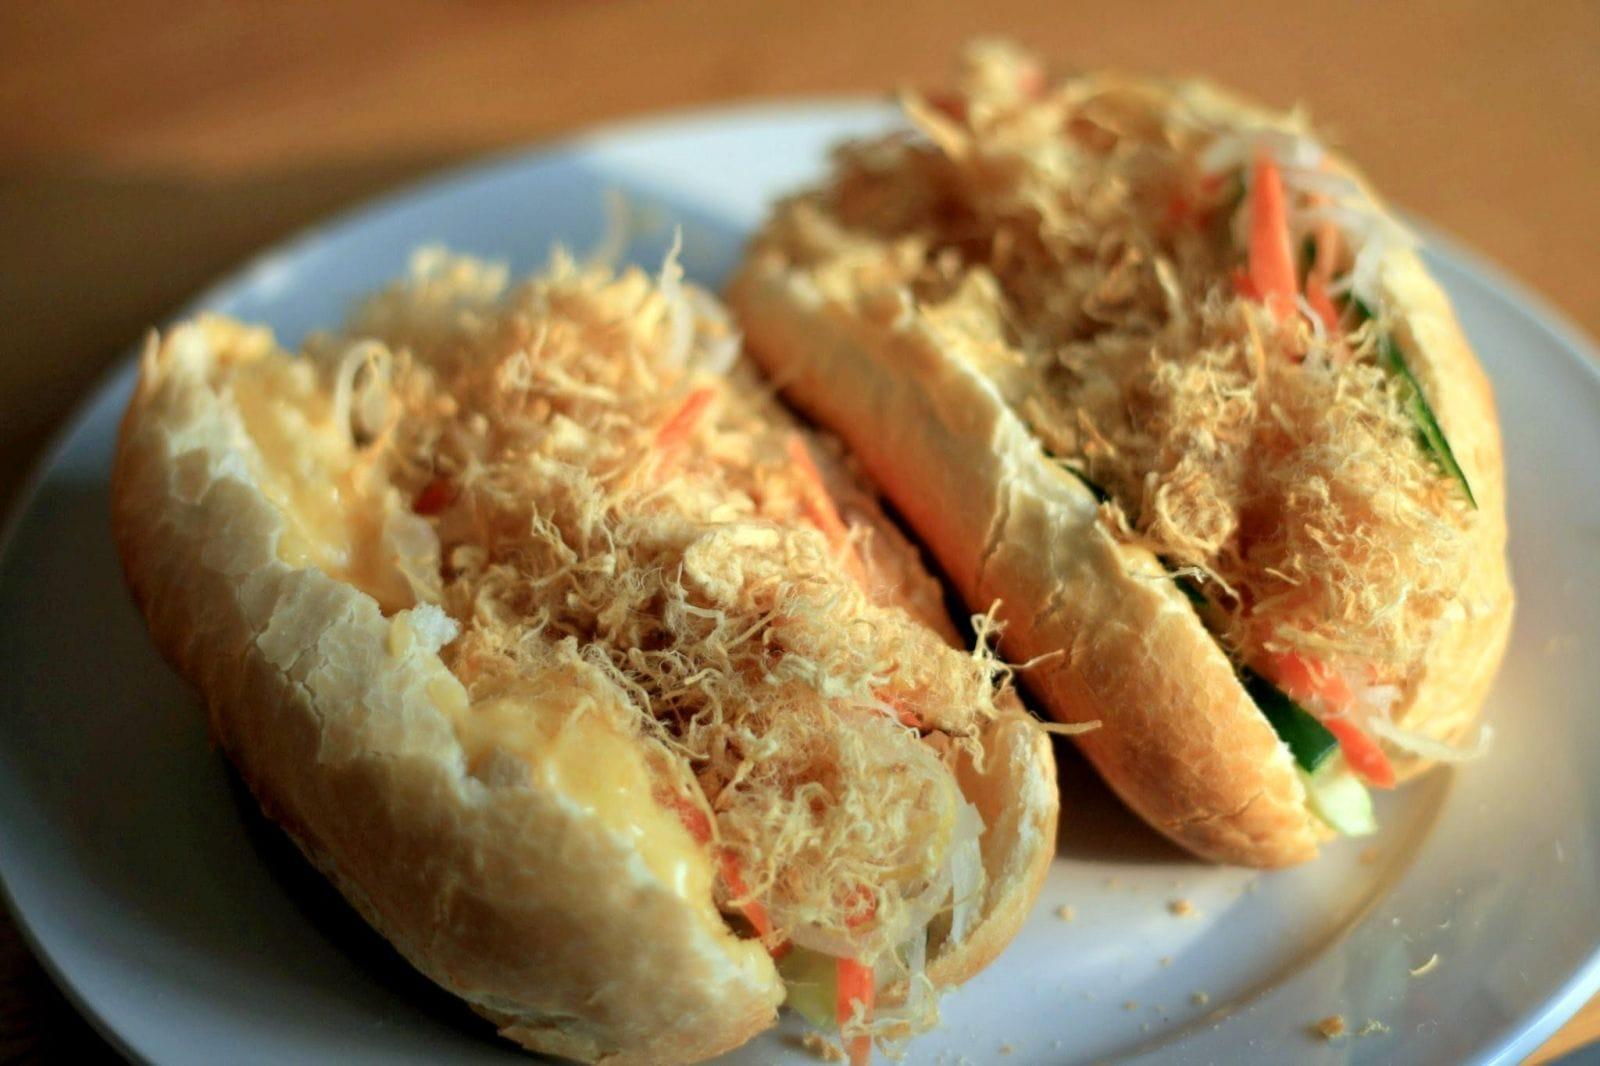 Les 8 meilleurs BANH MI (sandwhich vietnamien) du Sud au Nord